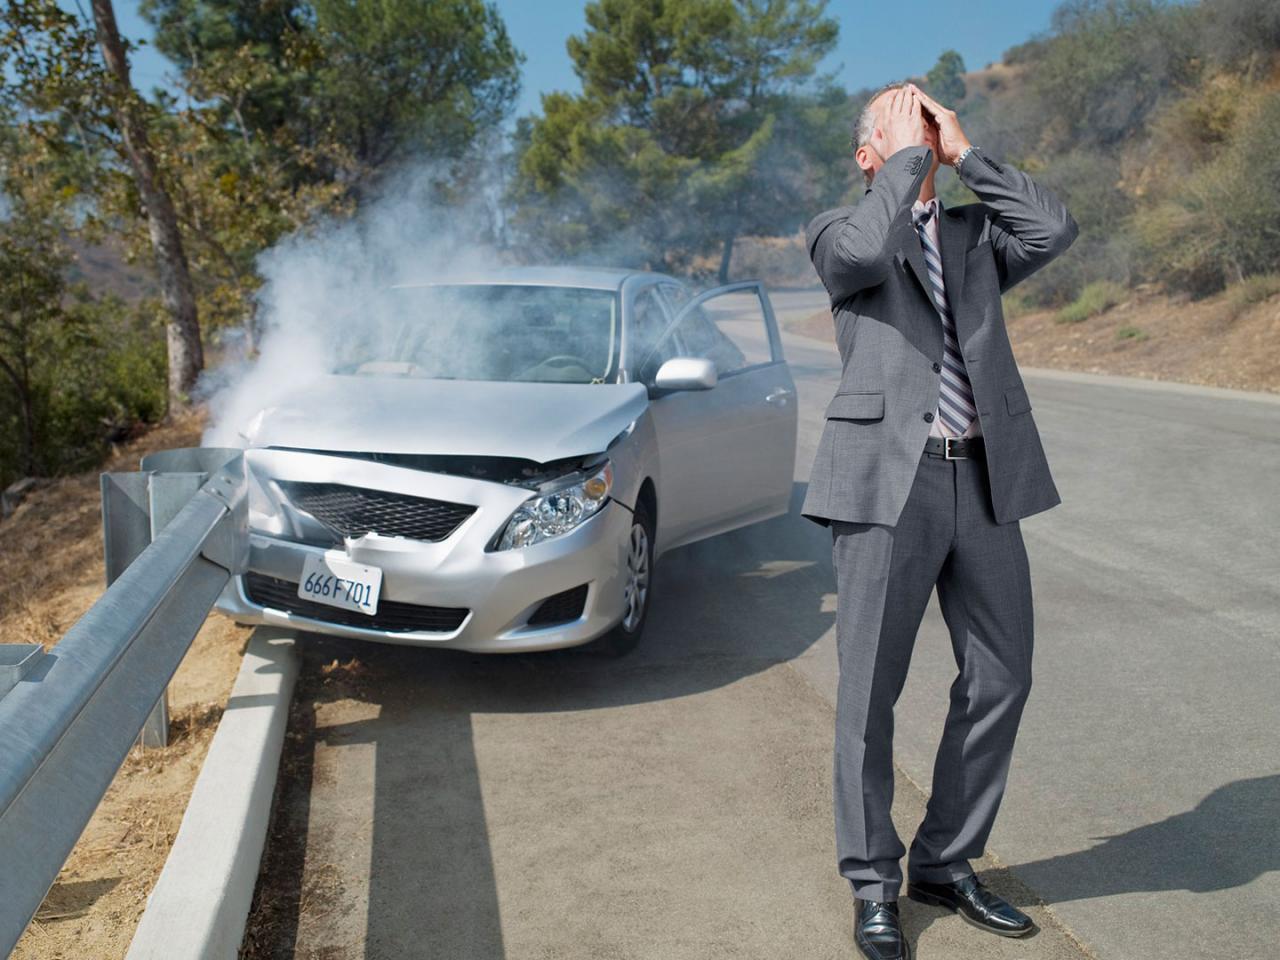 Mức bồi thường của công ty bảo hiểm sẽ tương hỗ cho bạn xử lý và xử lý những yếu tố trở ngại về tài chính khi tai nạn đáng tiếc xẩy ra